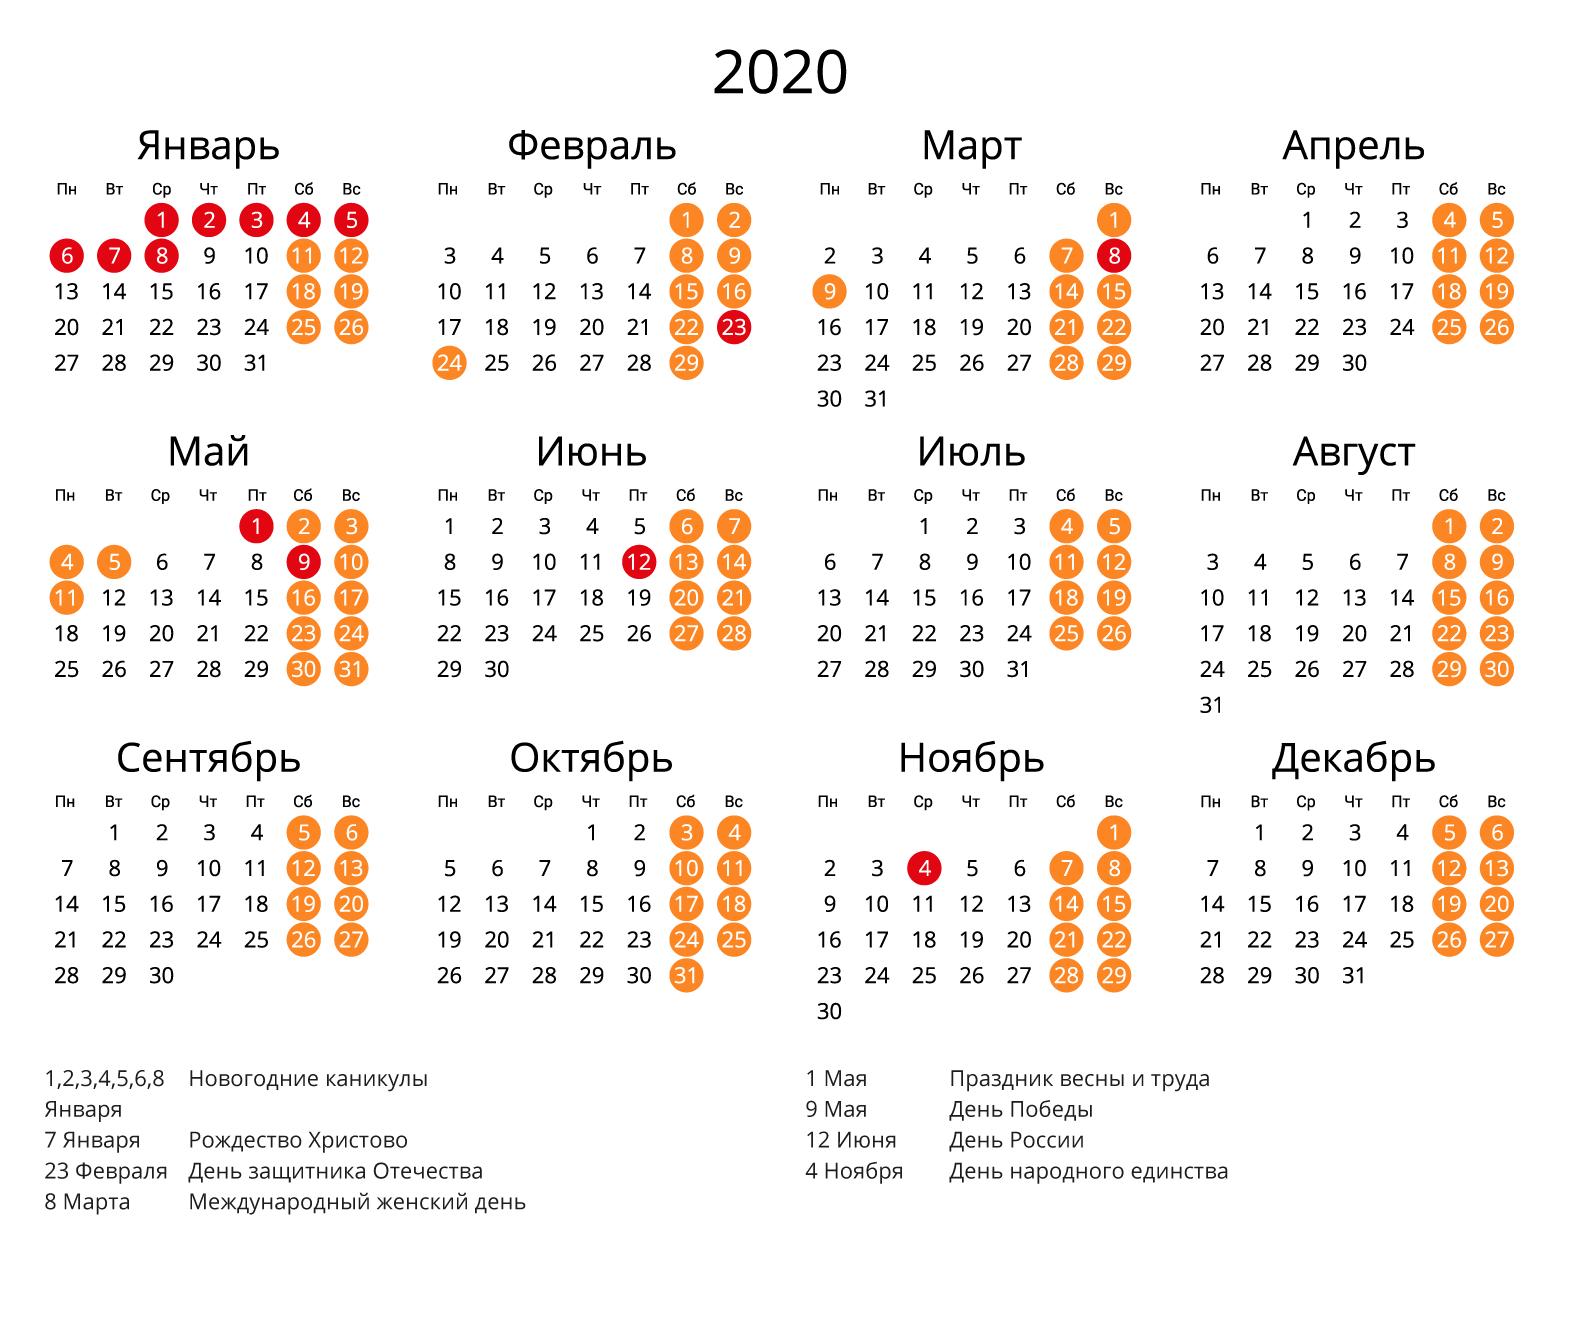 Скачать Календарь На 2020 Год В Форматах: Word, Pdf, Jpg intended for Kalendar Excel 2020